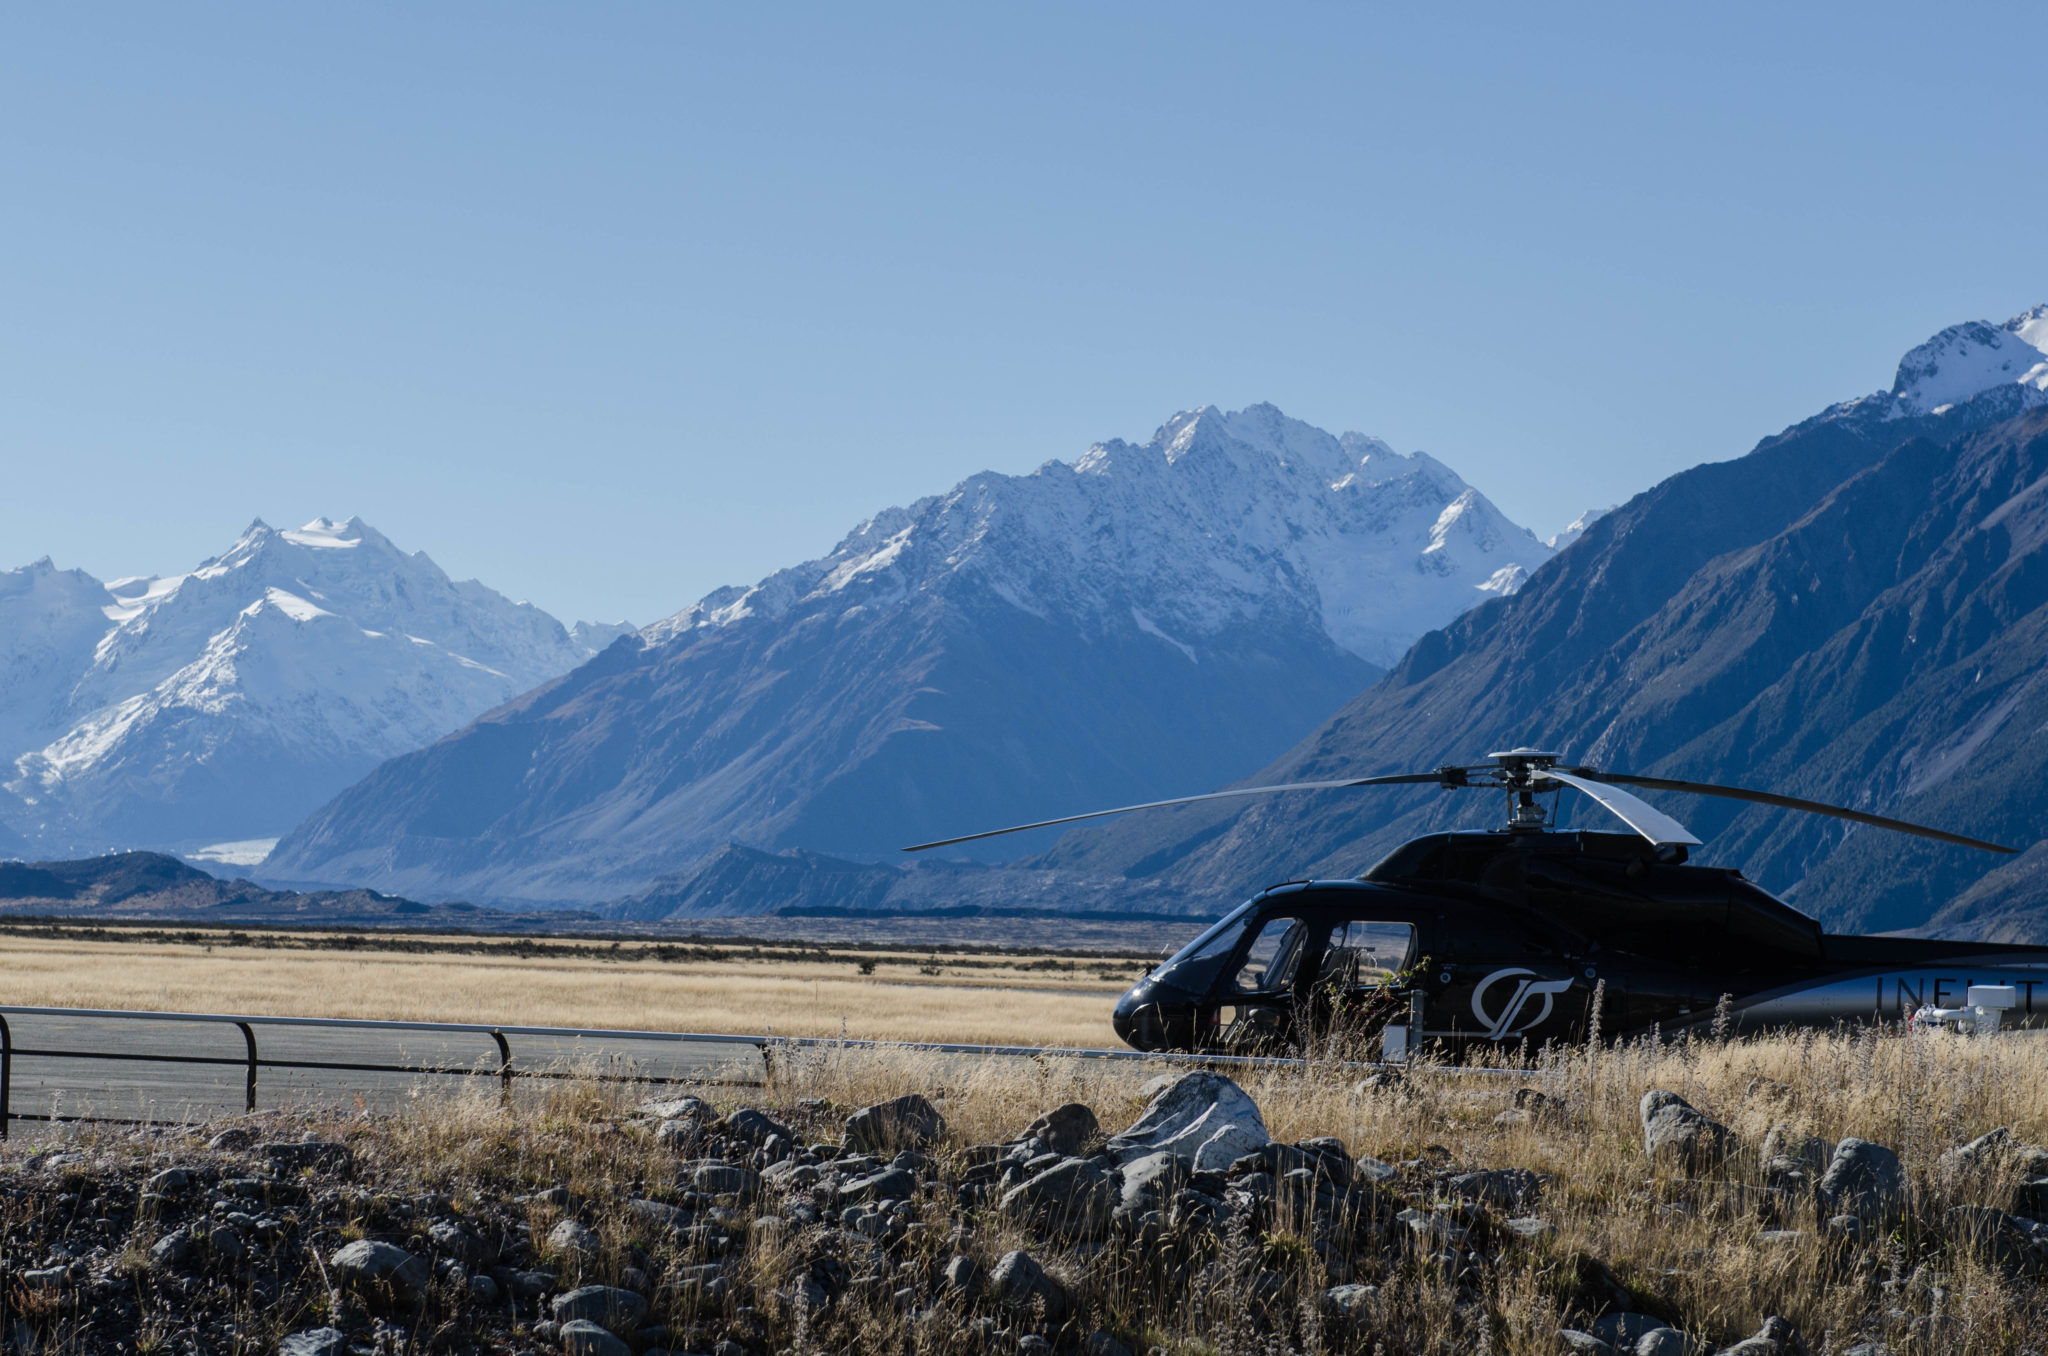 Der Helikopter steht bereit für die Gletscherwanderung auf dem Tasman Glacier